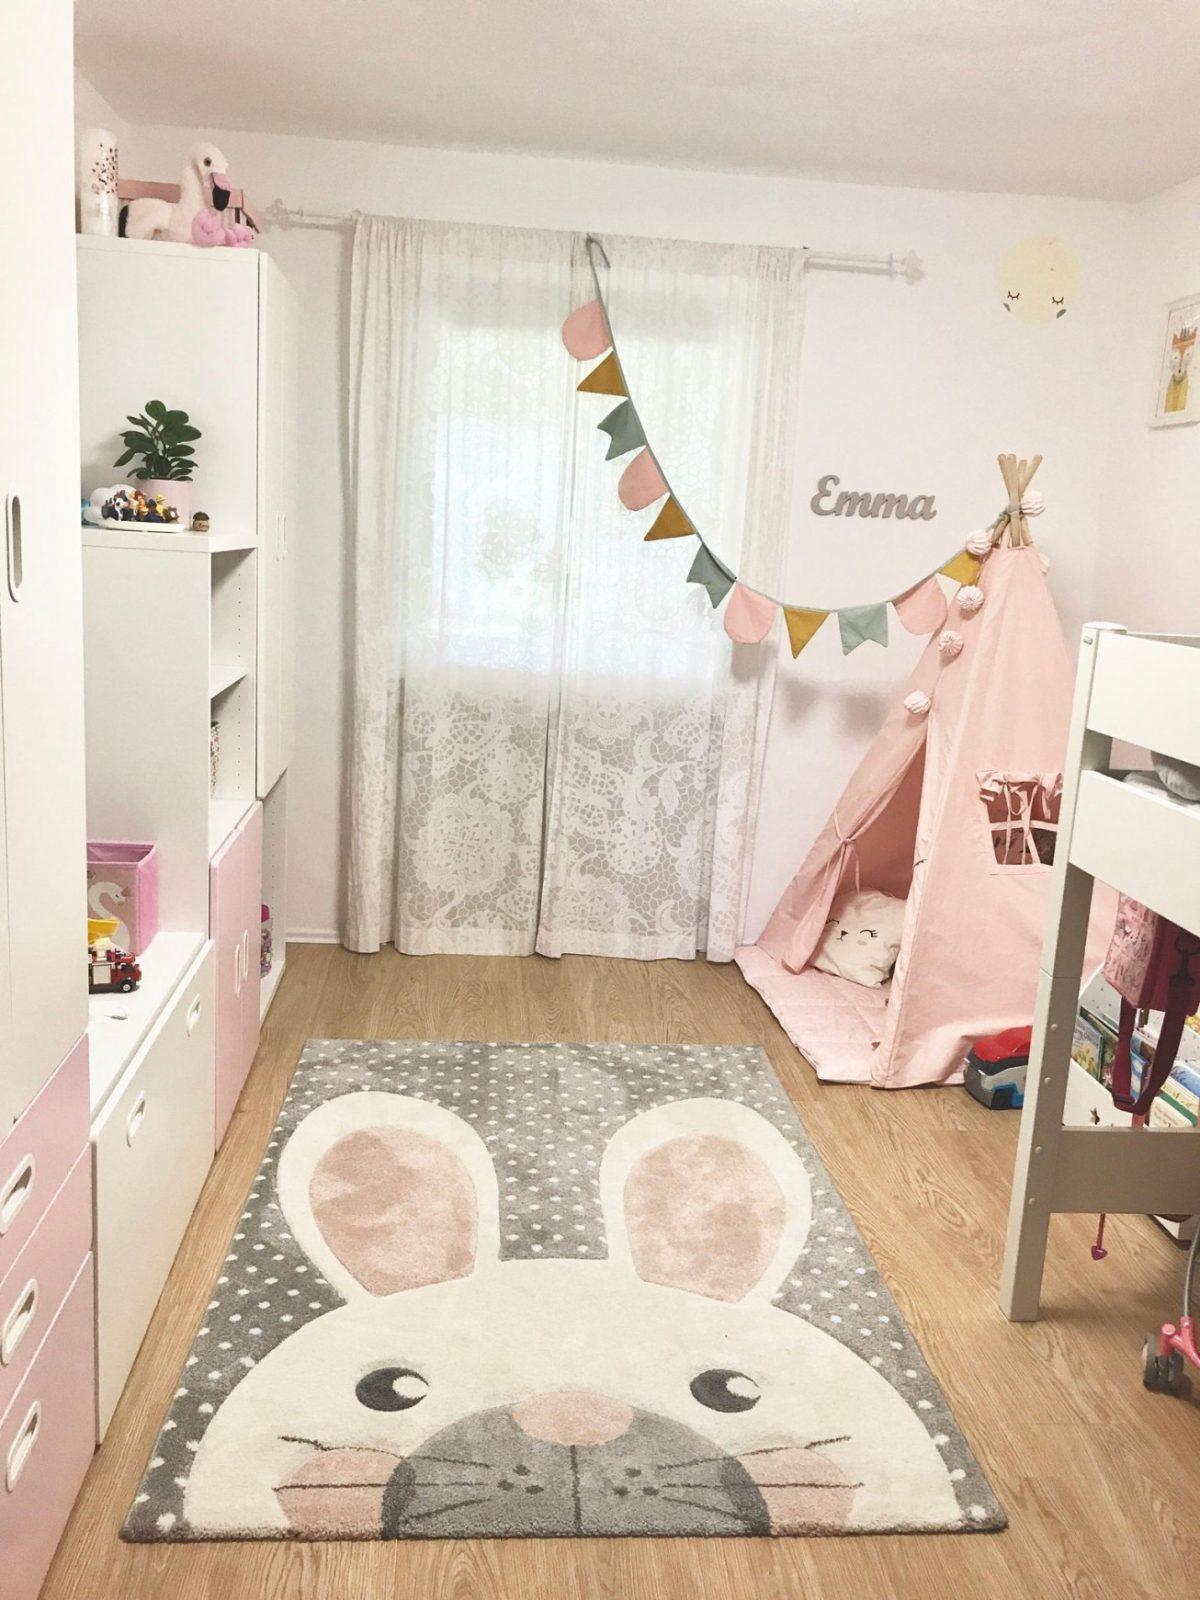 Kinderzimmer Ideen Für Wohlfühlbuden So Geht's In 2019 von Babyzimmer Mädchen Einrichten Photo